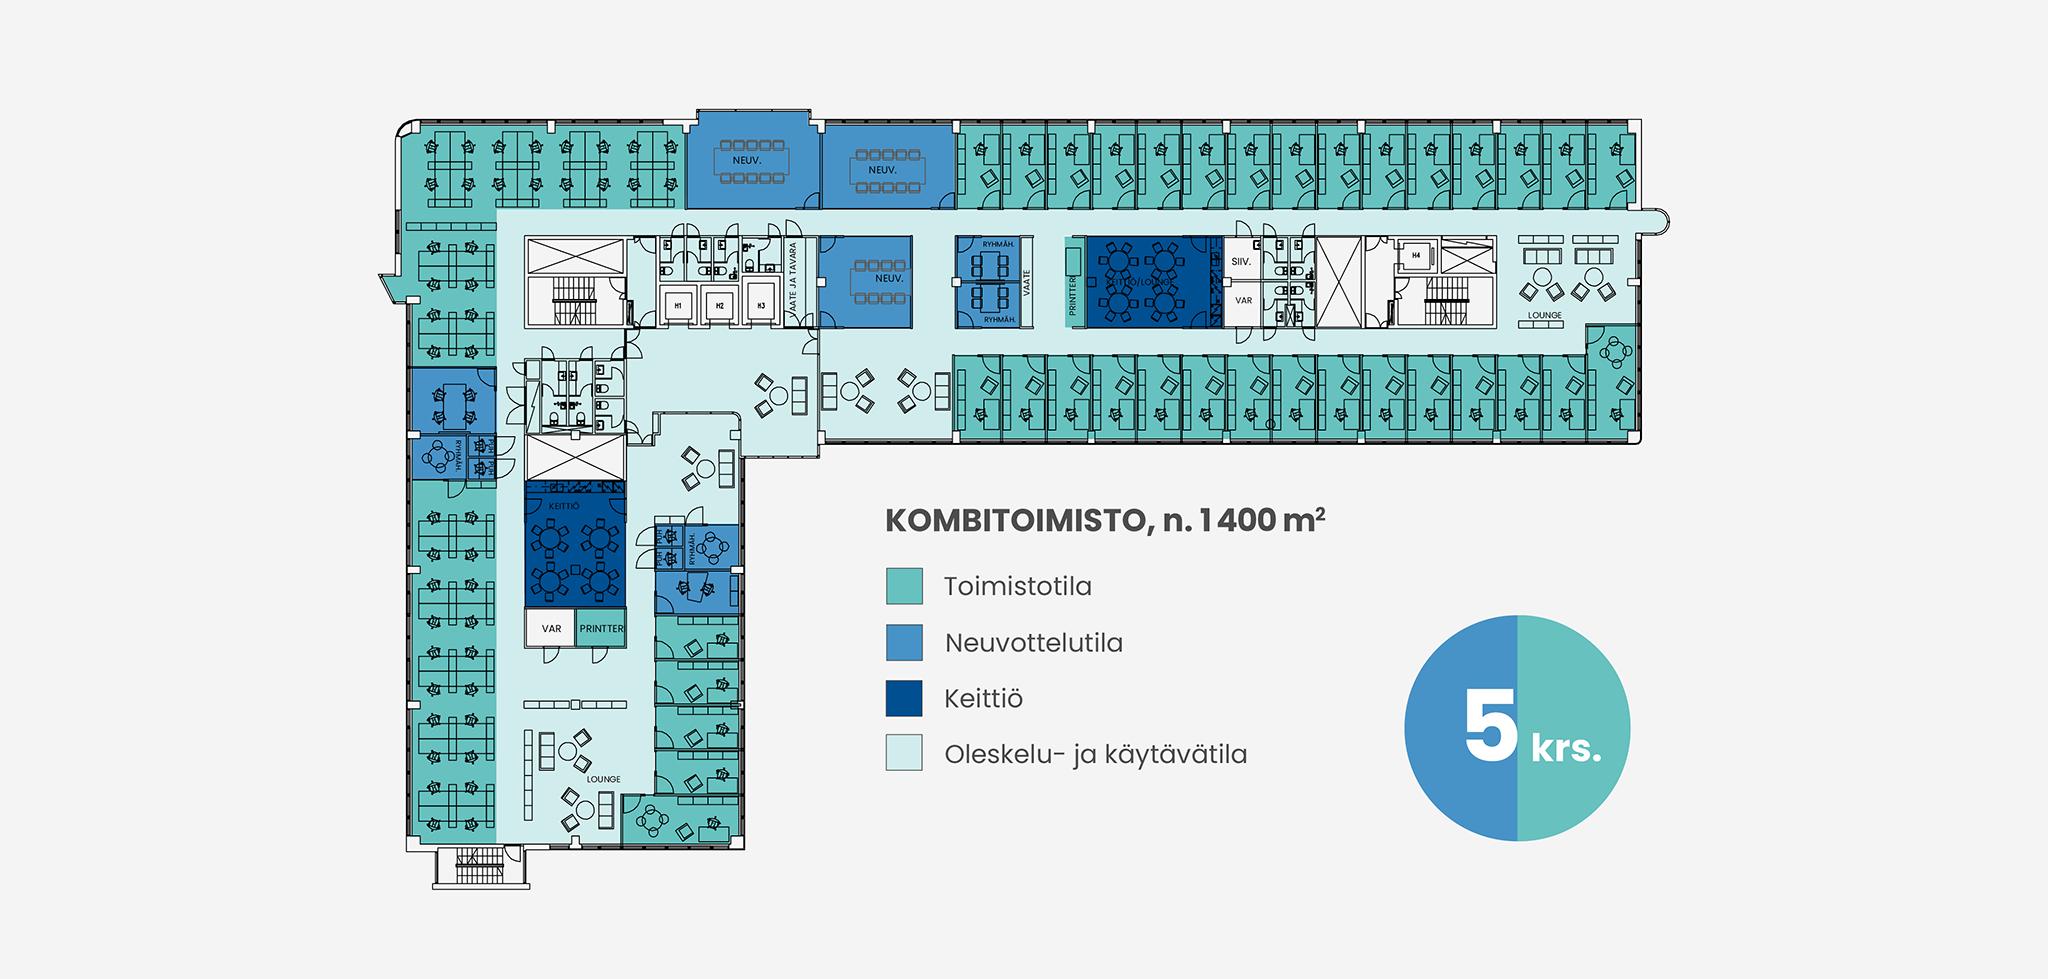 Pohjakuva 1400 neliömetrin kombitoimistosta Piispanportti 10:ssä